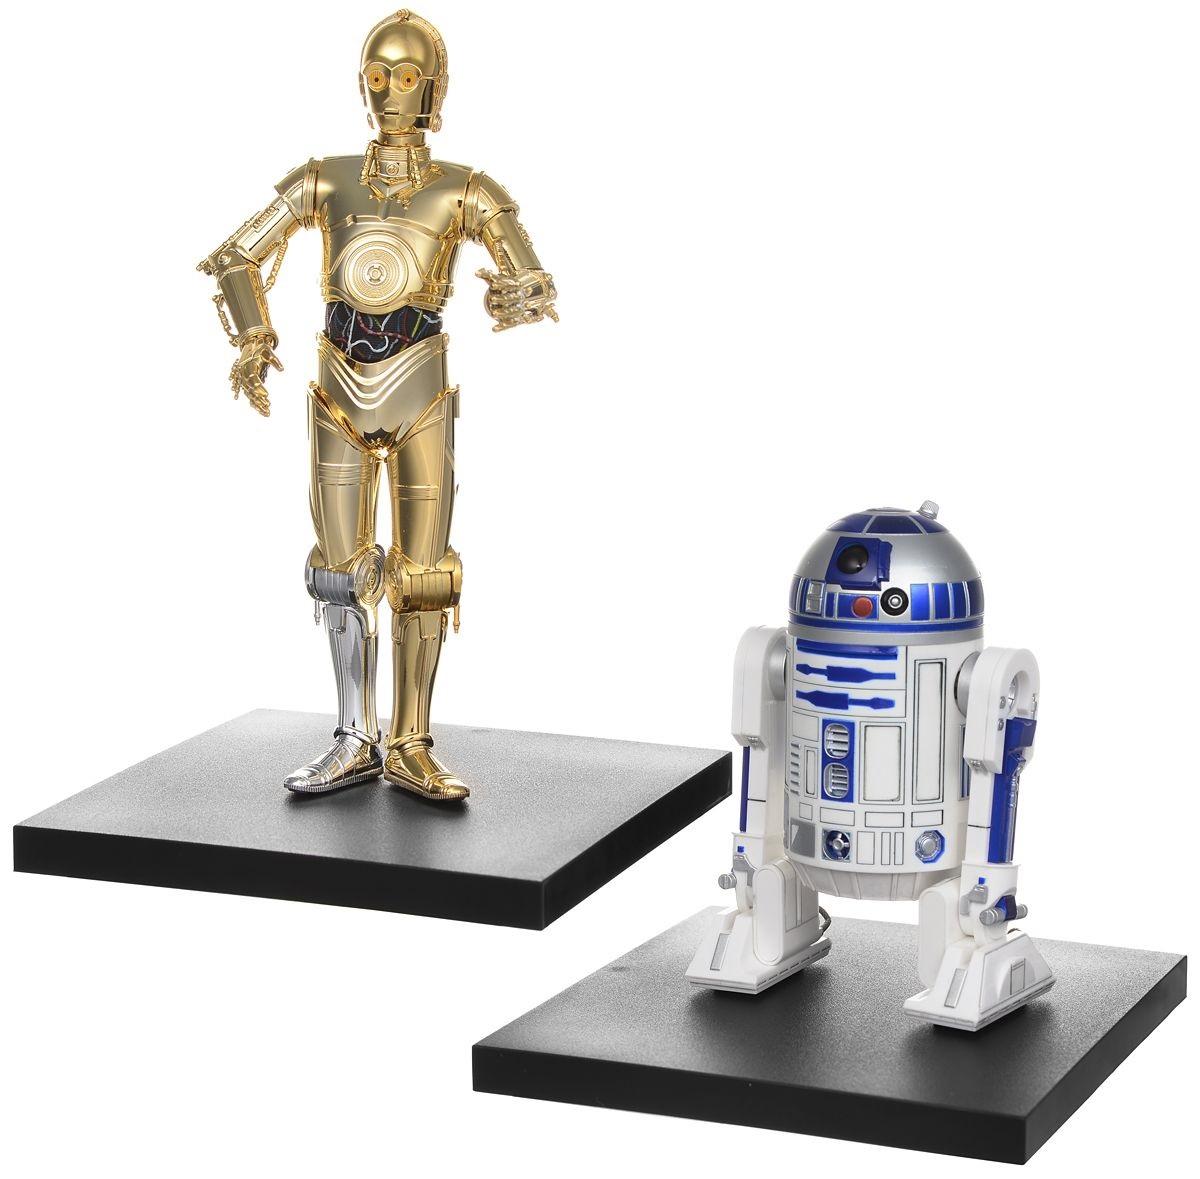 Звездные войны - Набор фигурок R2-D2 и C-3POБолее 10 лет мы ждали этого момента: Звездные войны возвращаются на большой экран! Новая трилогия начнется уже в декабре, когда в кинотеатрах стартует новый эпизод великой саги – Звездные Войны: Пробуждение силы. В наборе – неразлучная парочка дроидов R2-D2 и C-3PO, которые благодаря ярким характерам и неподражаемой внешности стали настоящими звездами саги Звездные Войны. Производители учли особенности строения C-3PO и снабдили фигурку сменными руками, что позволит устанавливать ее в разных позах и передавать неповторимую жестикуляцию дроида. Его маленький друг R2-D2 имеет в комплекте третью, опорную, ногу.<br>